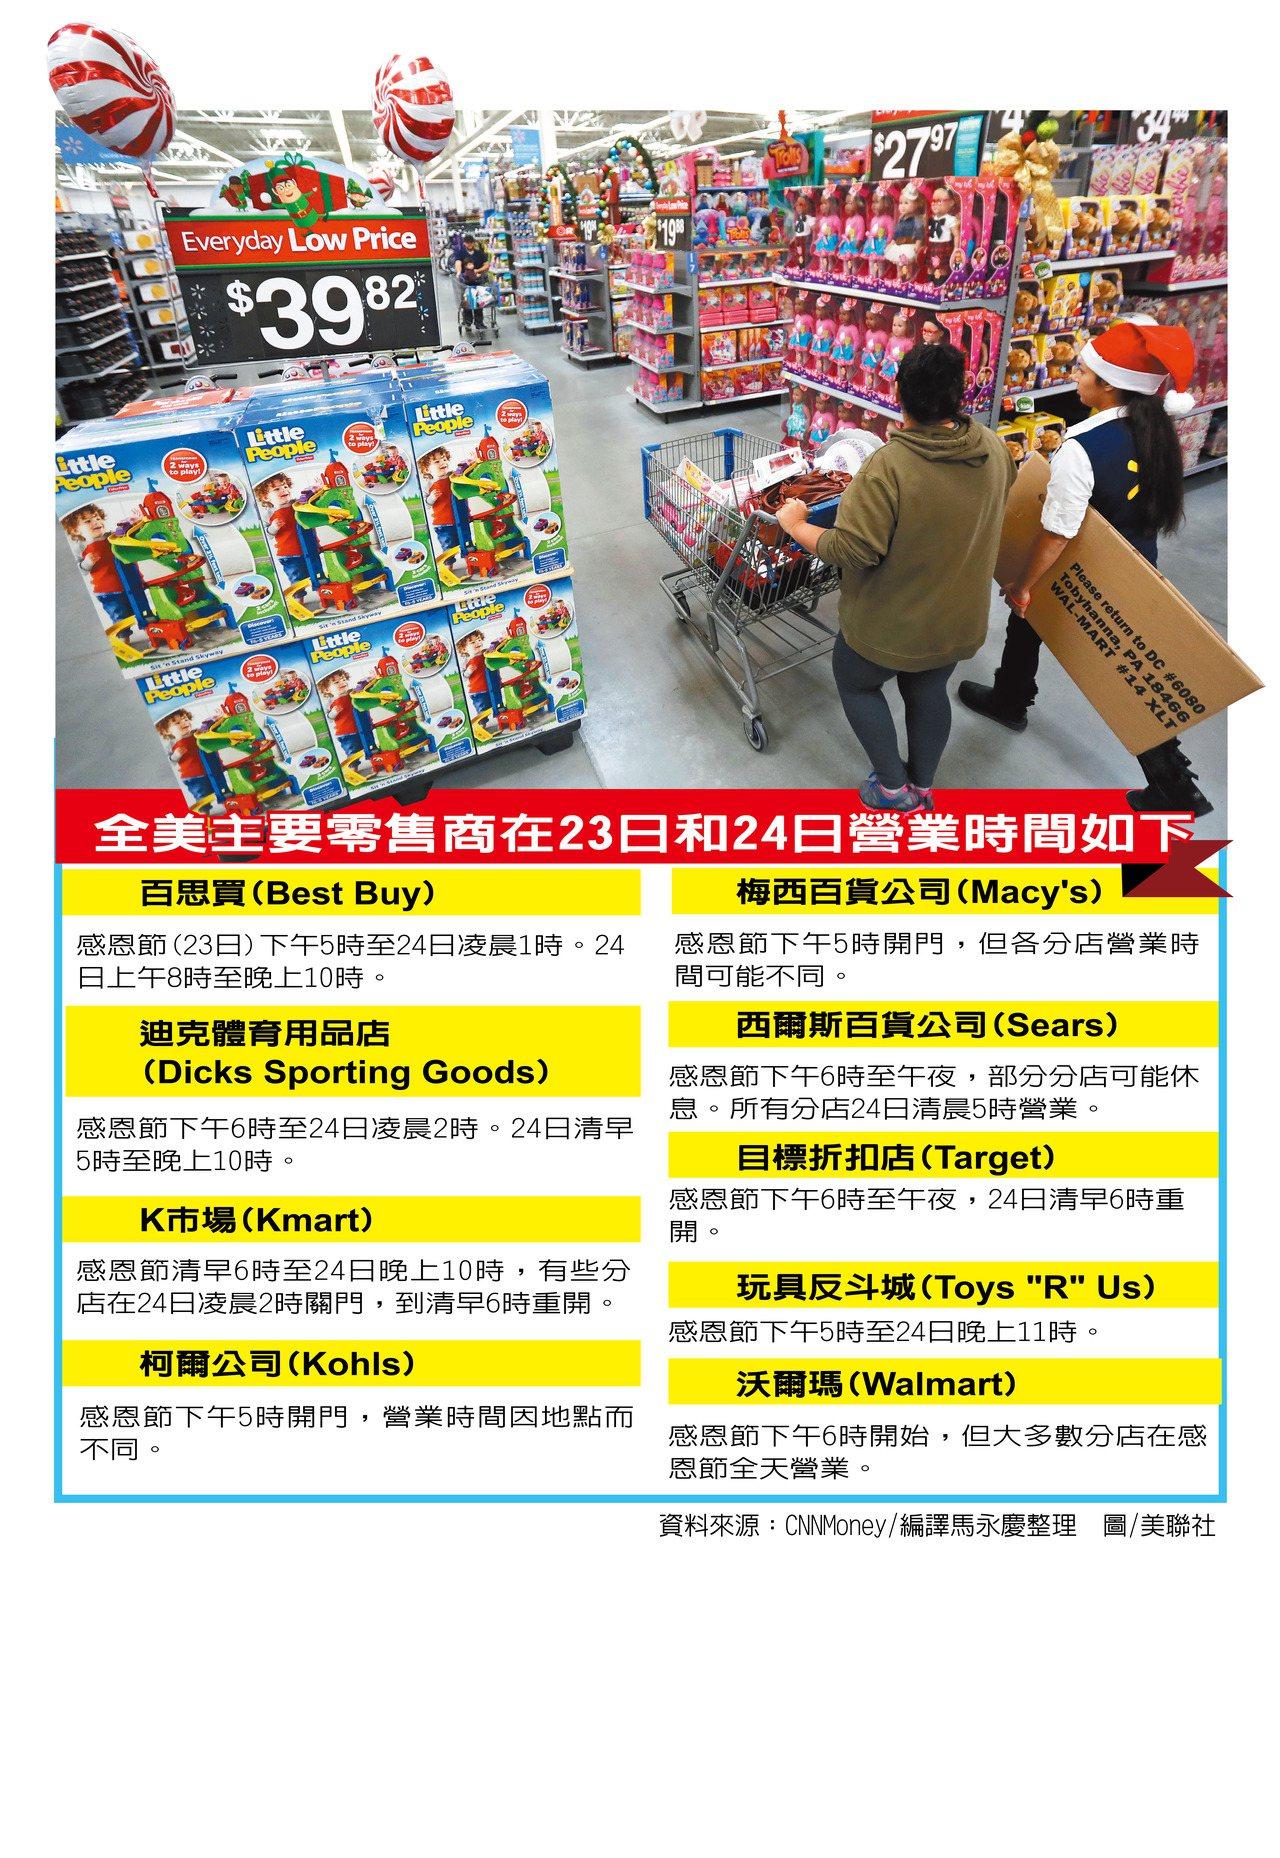 「黑五」本周登场 跃美最大行动购物节